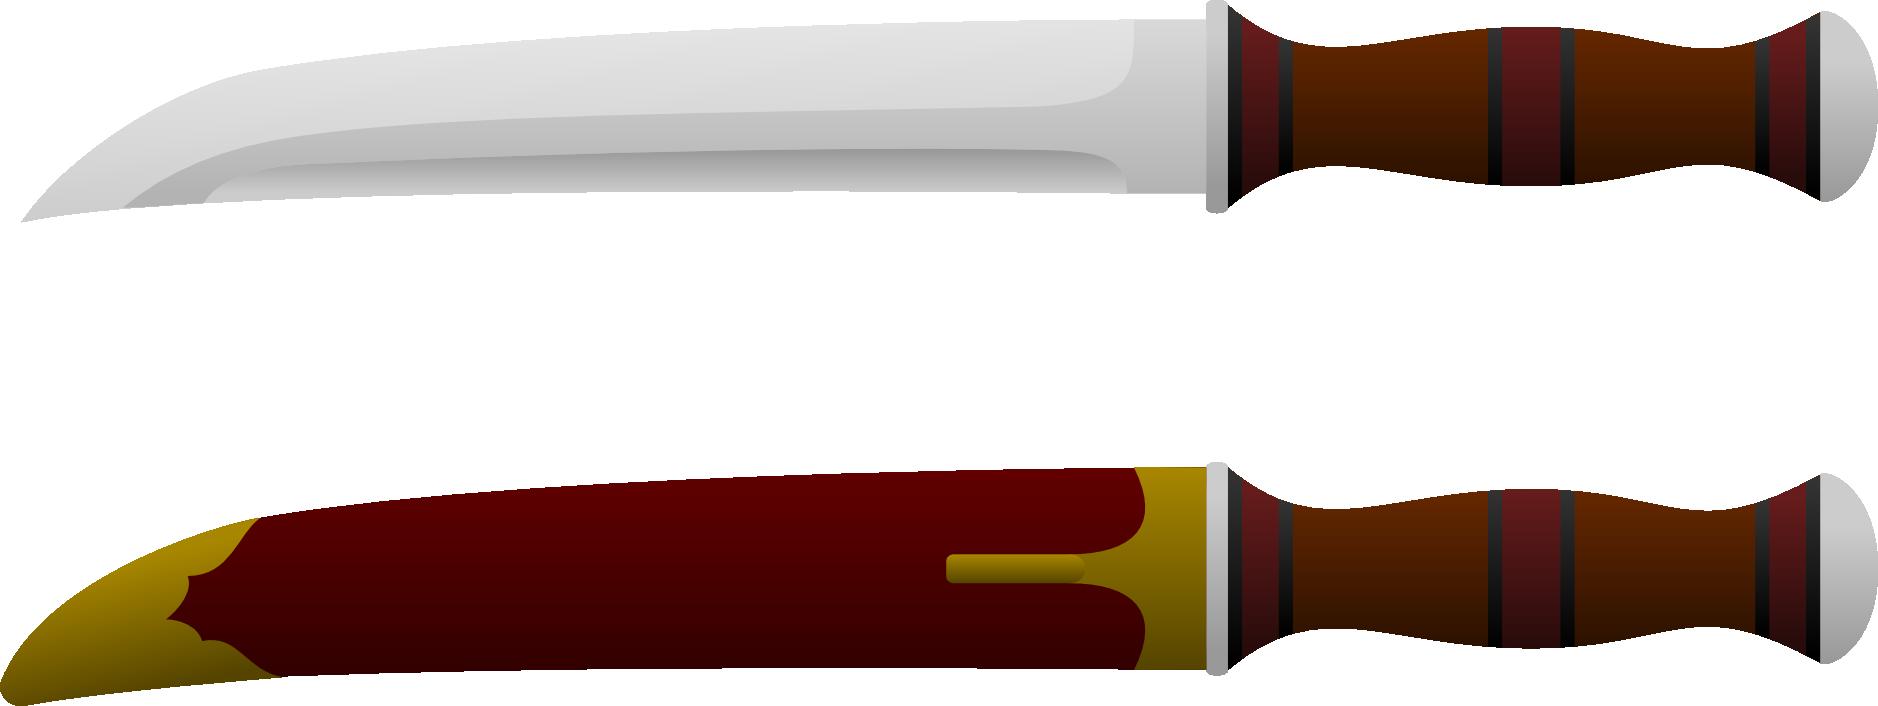 Knife clipart blunt knife. Vincent s hall of